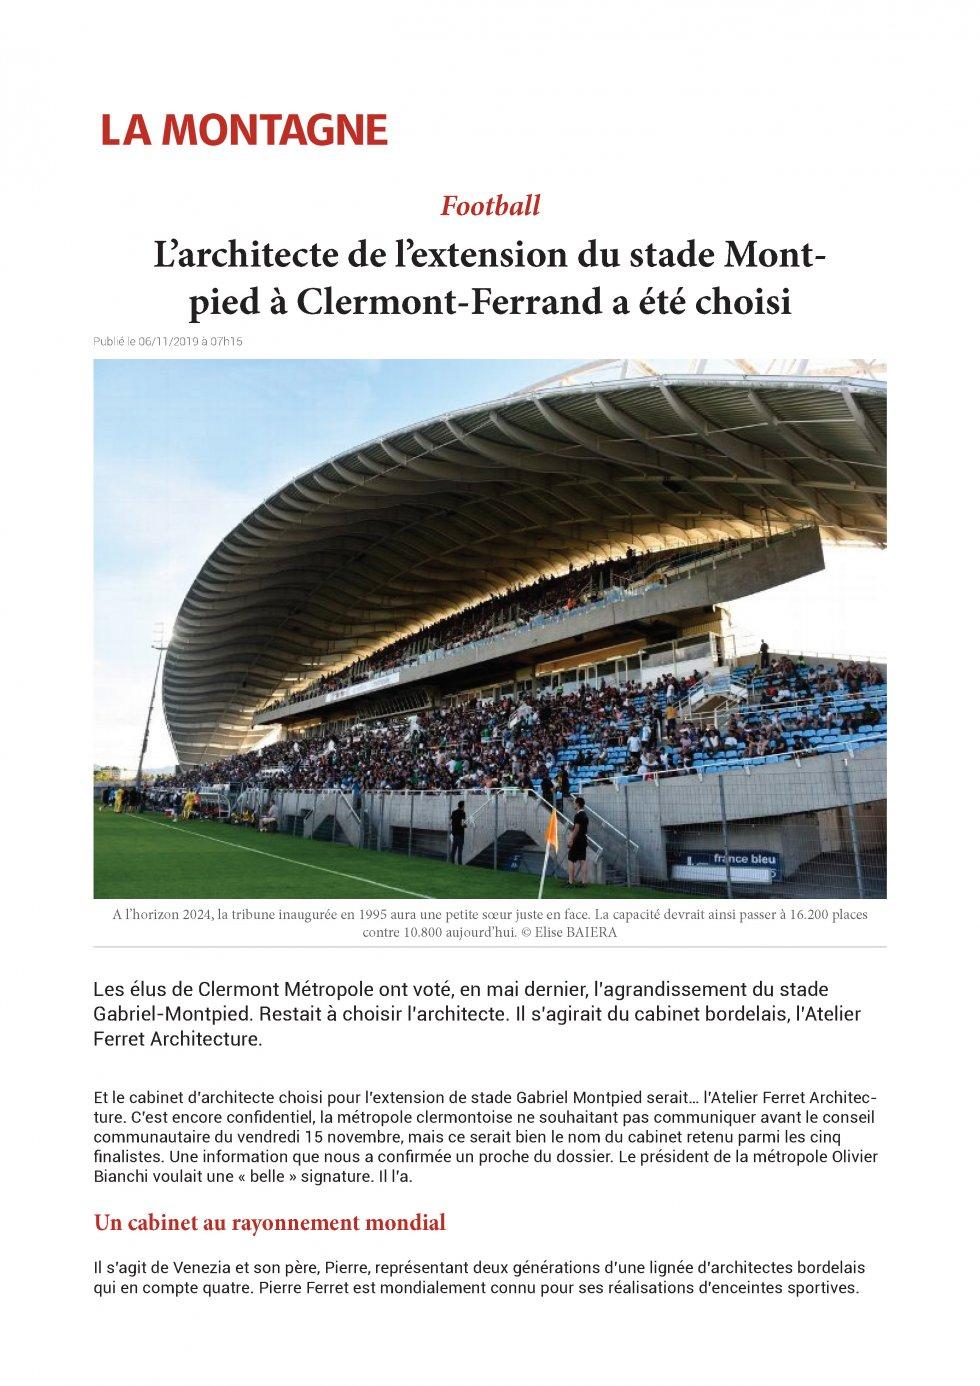 L'architecte de l'extension du stade Montpied à Clermont-Ferrand a été choisi